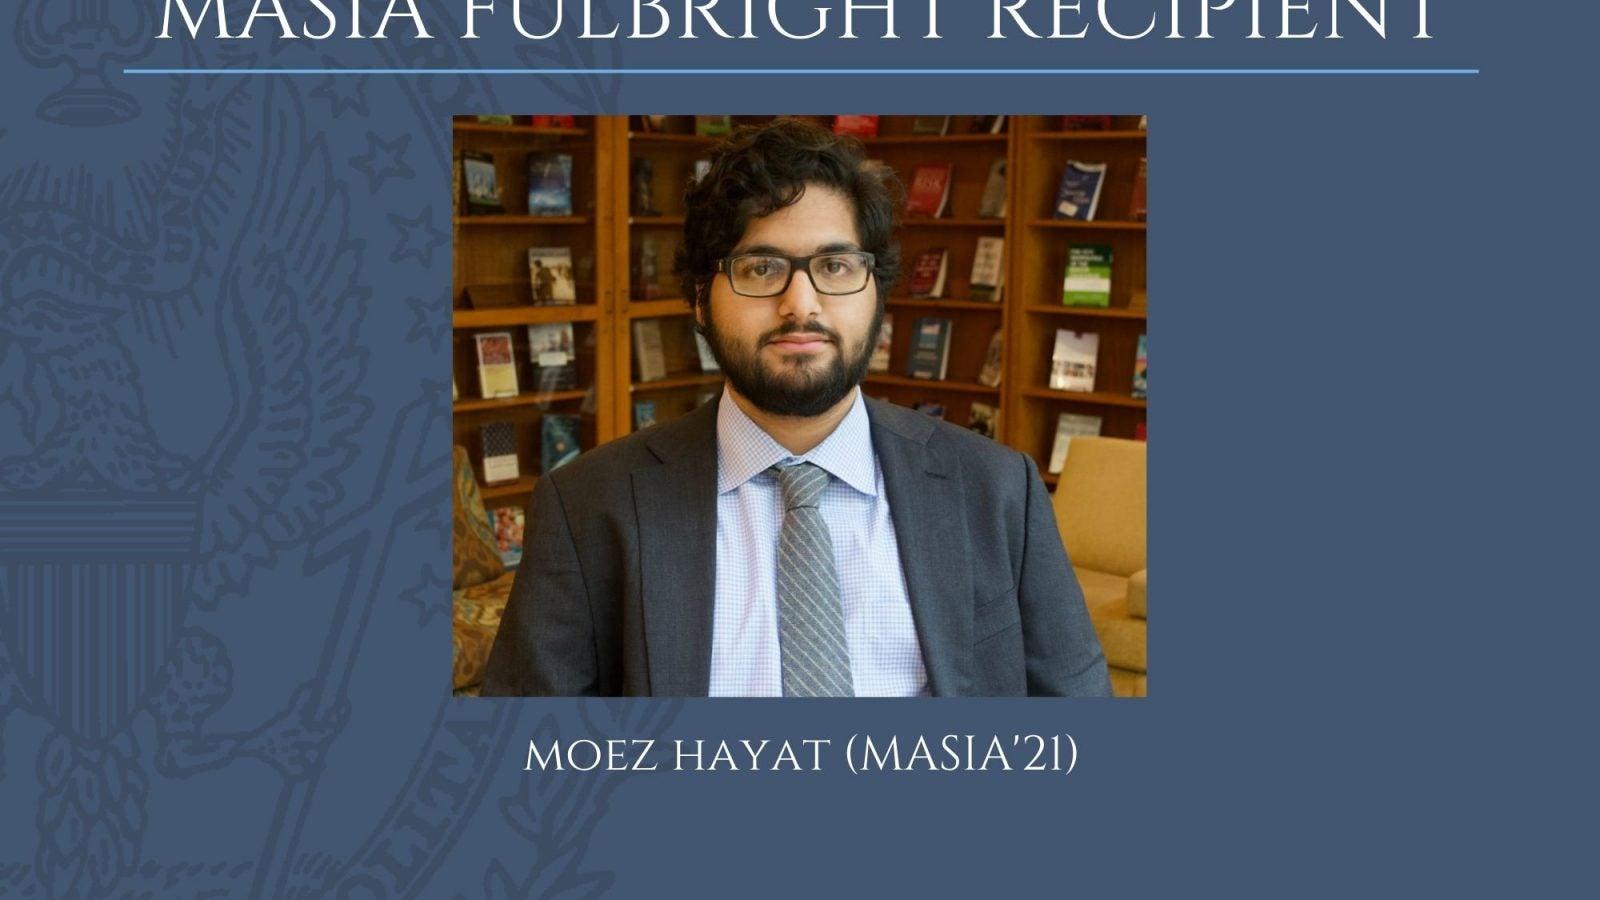 Photo of MASIA Fulbright recipient Moez Hayat, MASIA '22